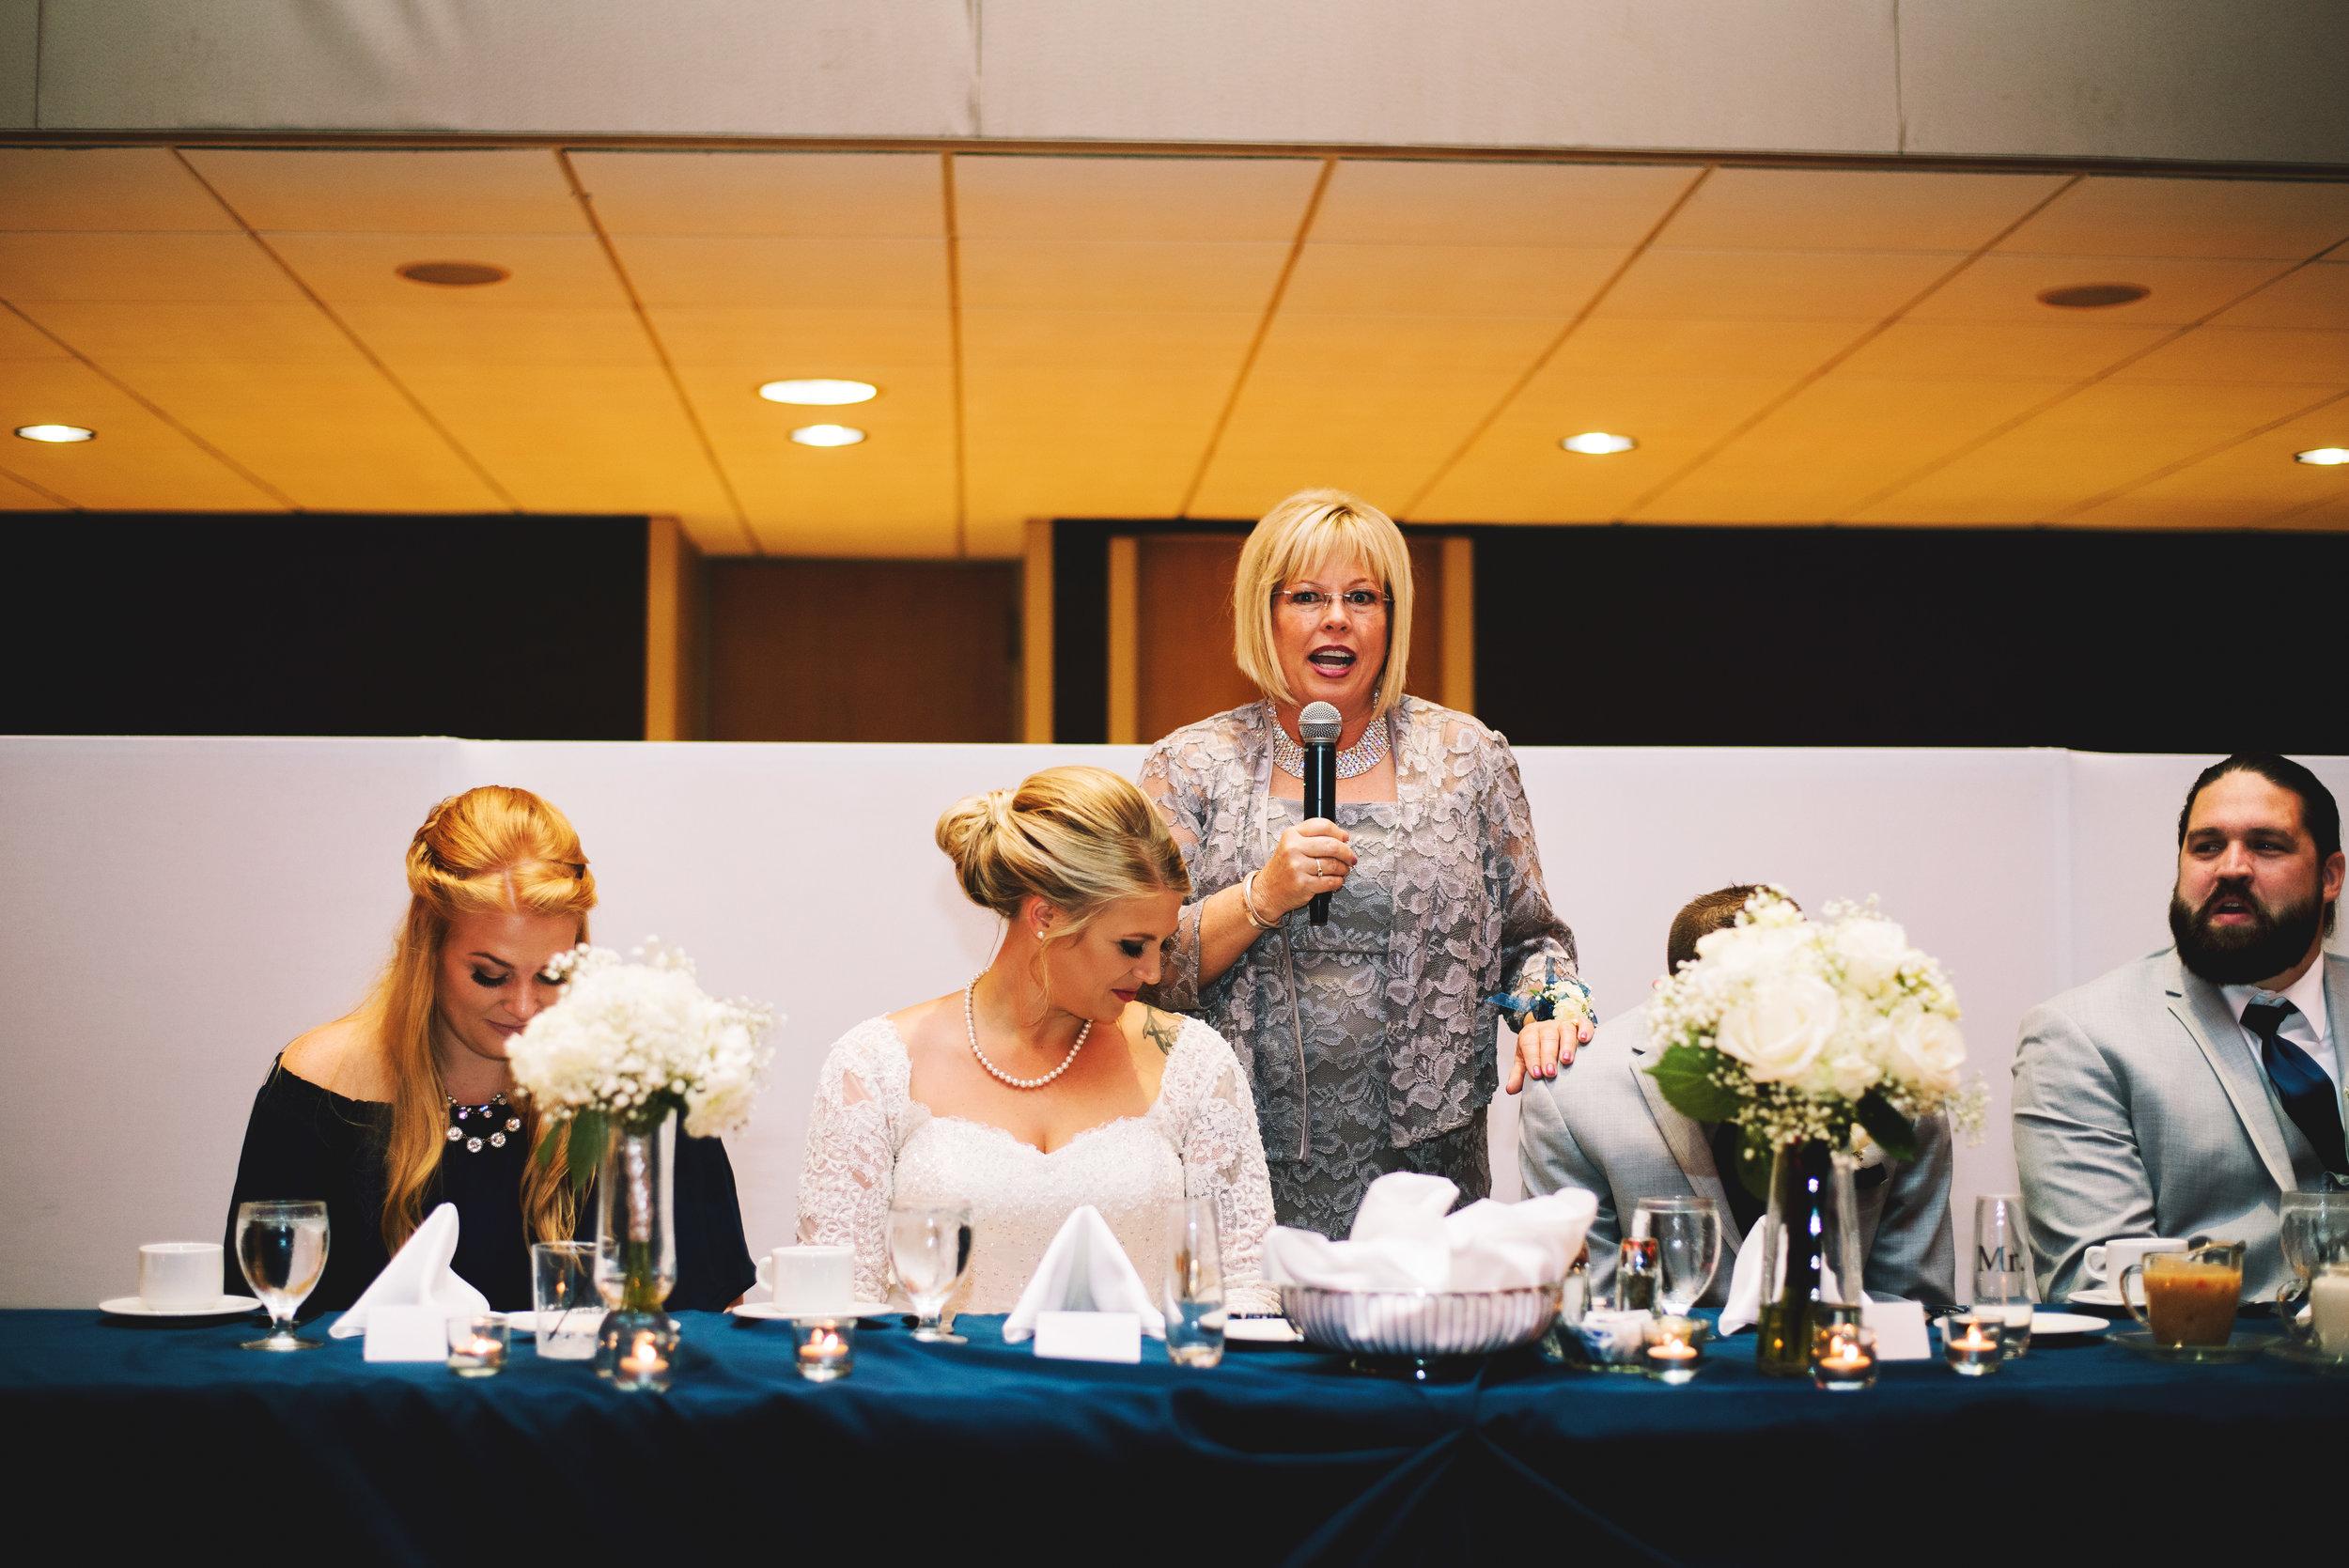 King-Northern-Illinois-University-Wedding108.jpg